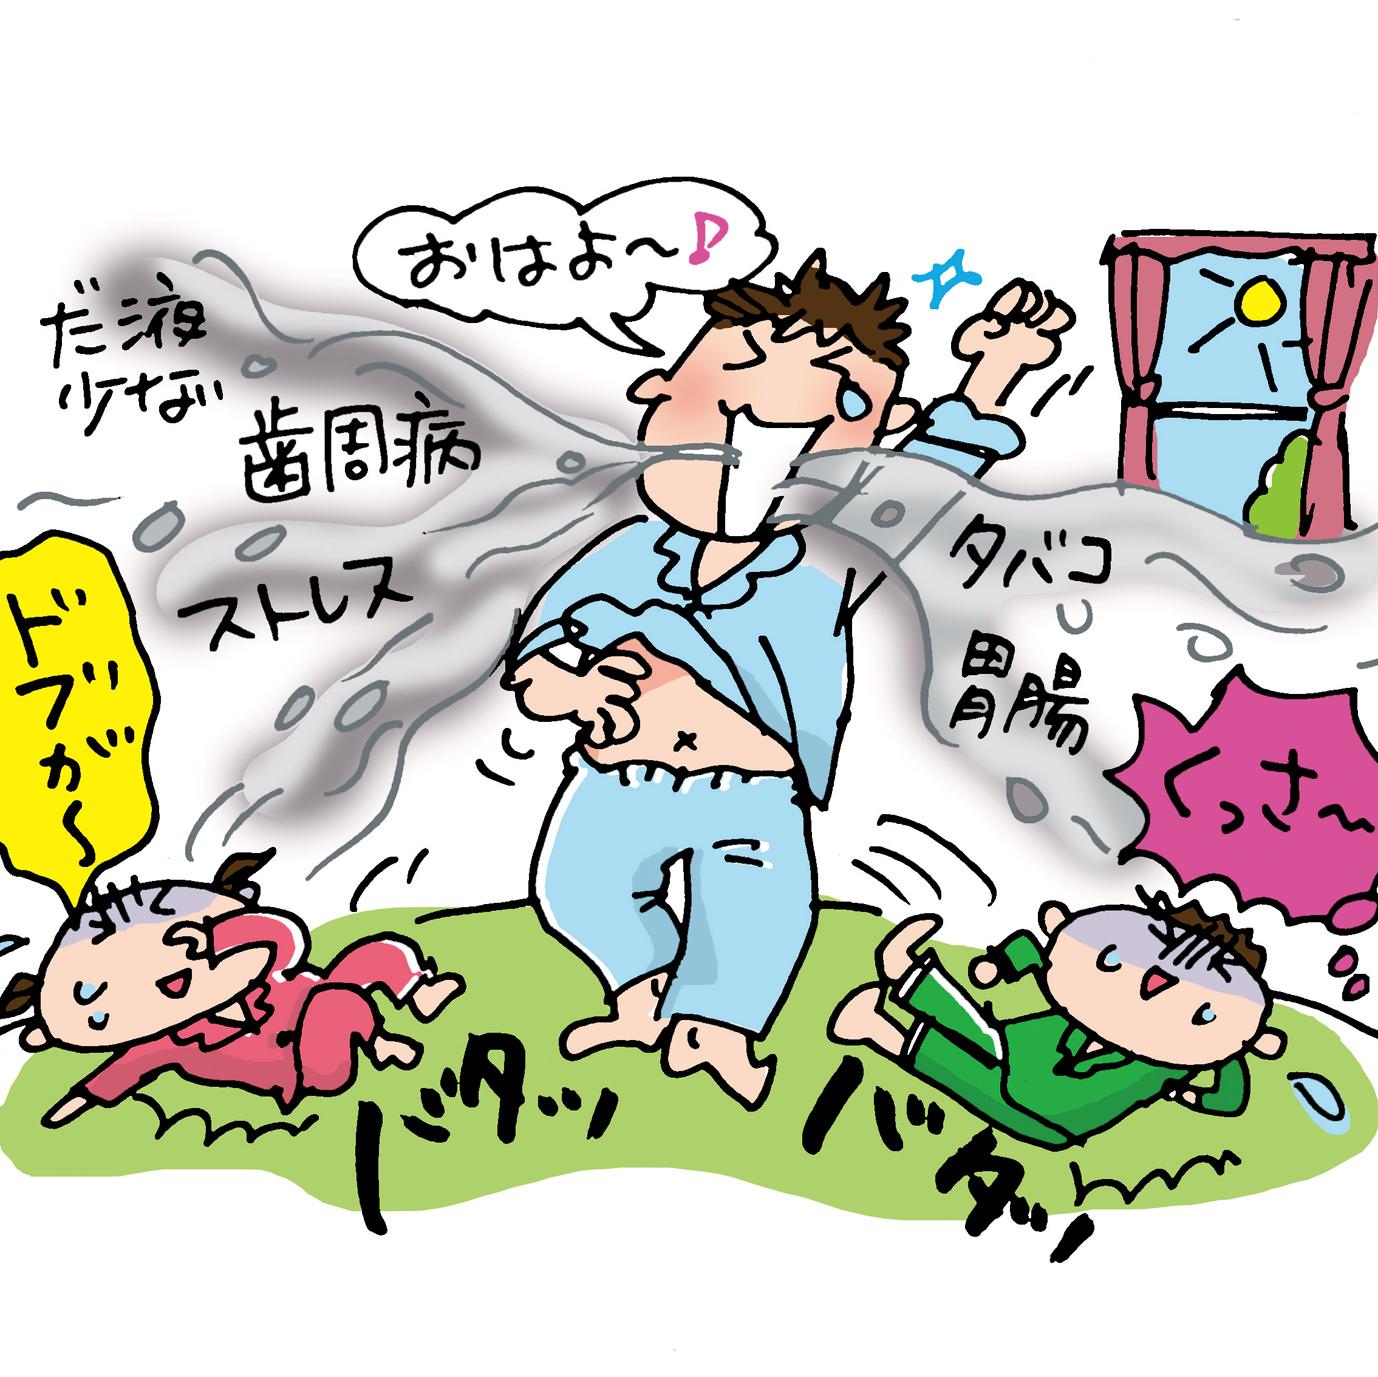 家庭の一大事「パパが臭い」を根本解決